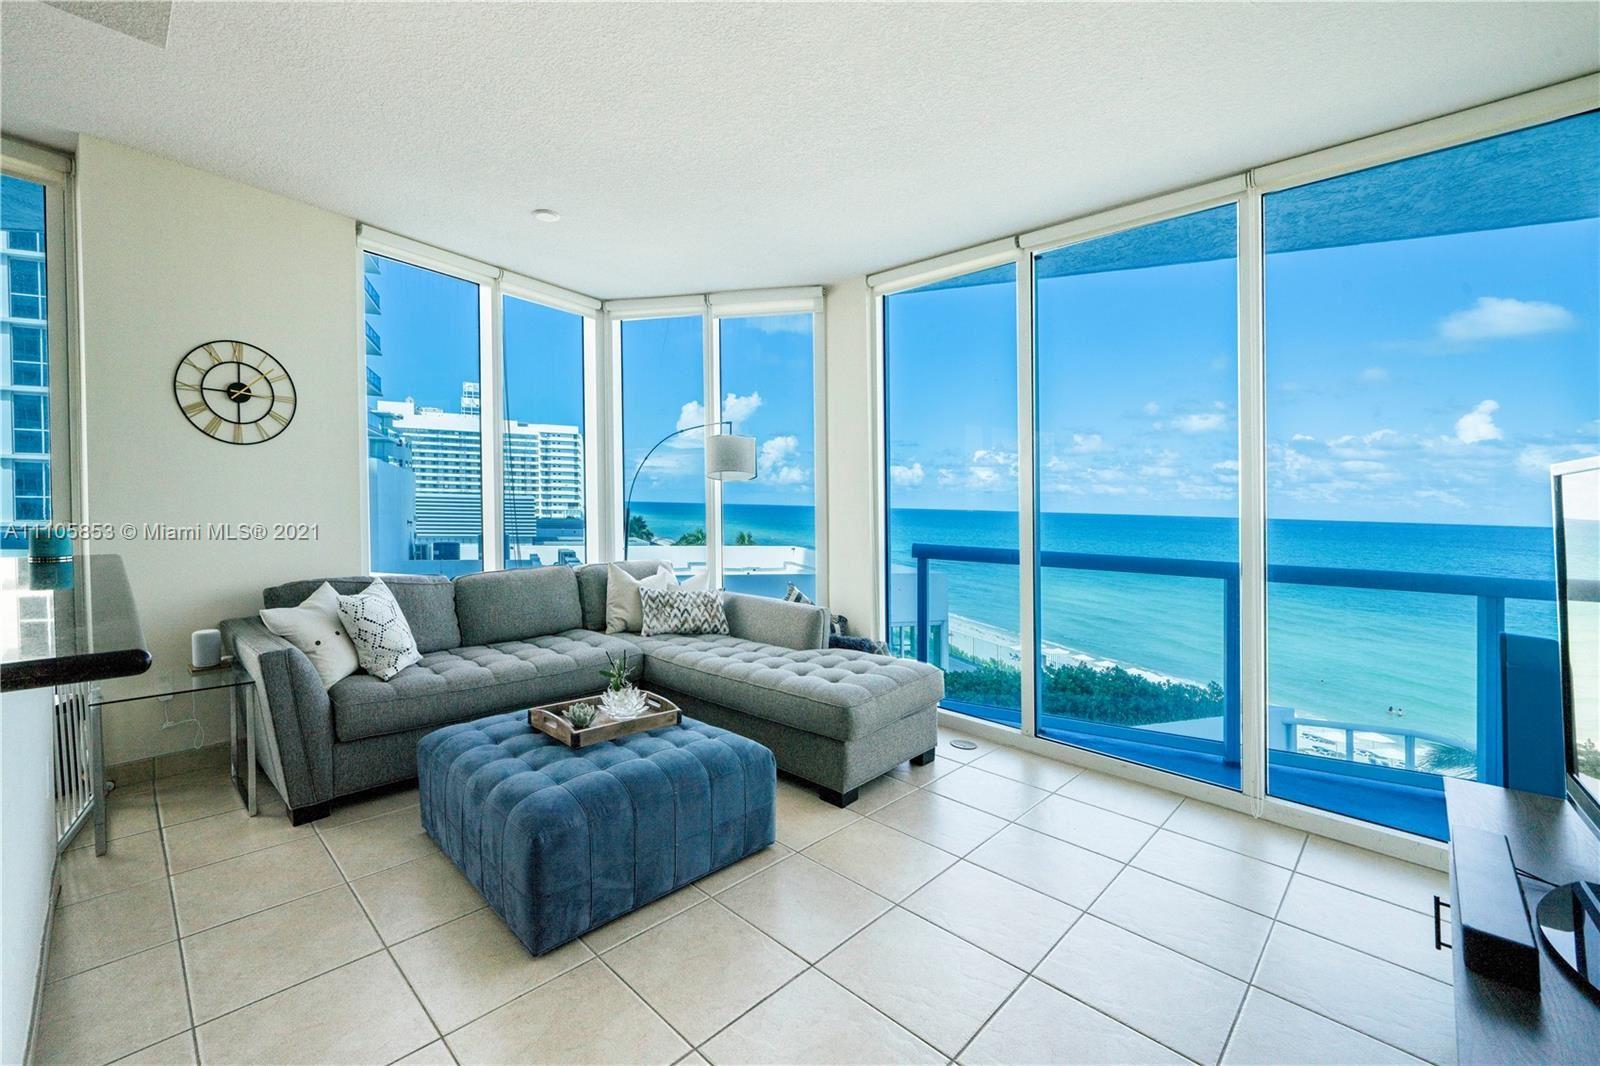 6515 Collins Ave #702, Miami Beach, FL 33141 - #: A11105853